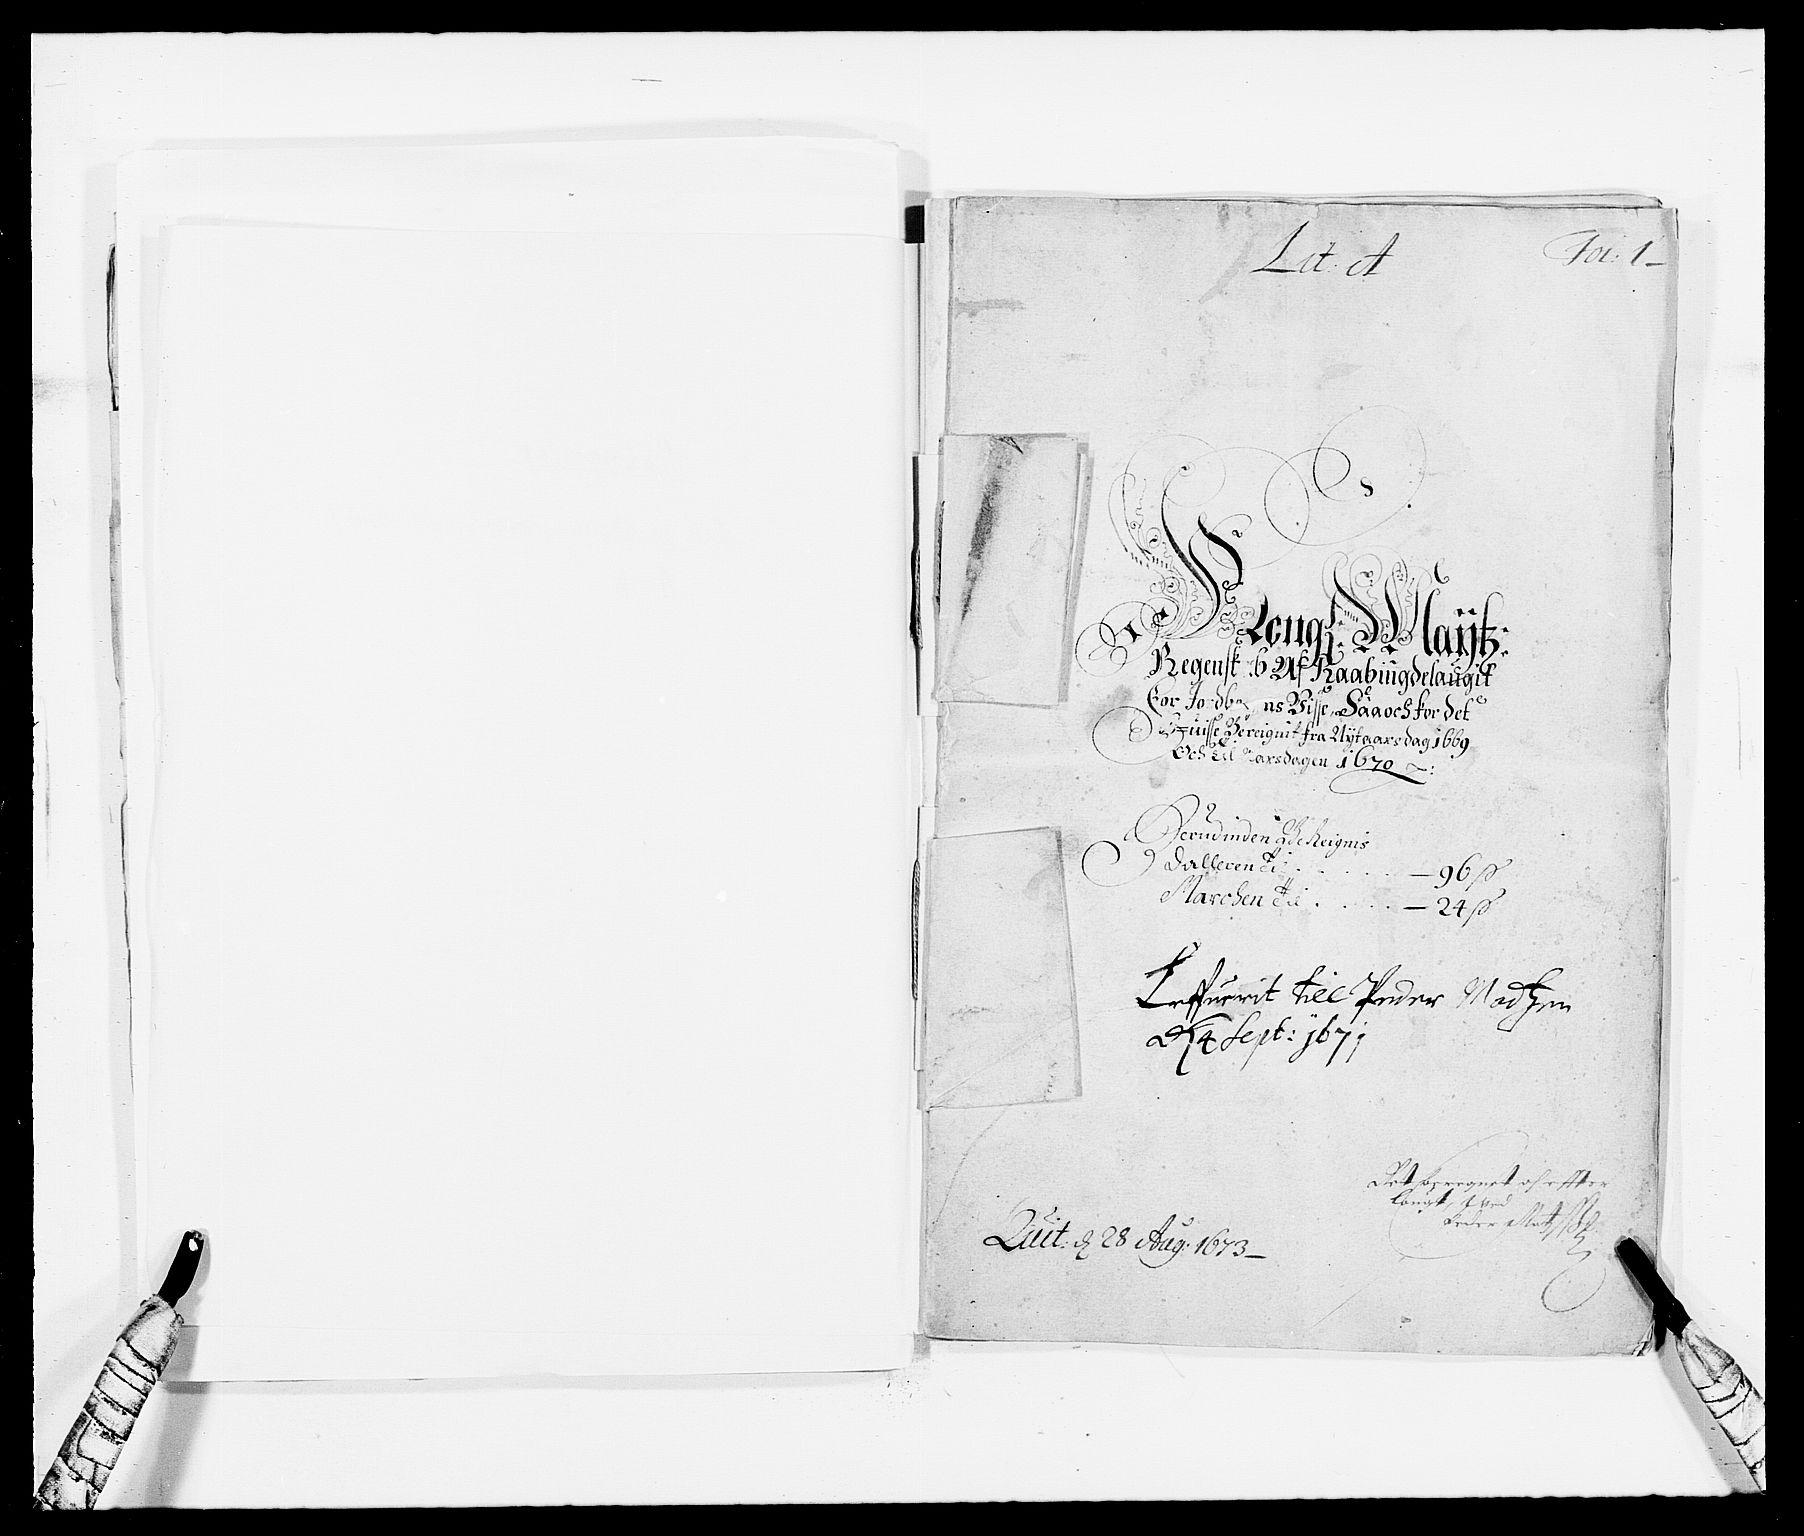 RA, Rentekammeret inntil 1814, Reviderte regnskaper, Fogderegnskap, R40/L2432: Fogderegnskap Råbyggelag, 1669-1670, s. 36